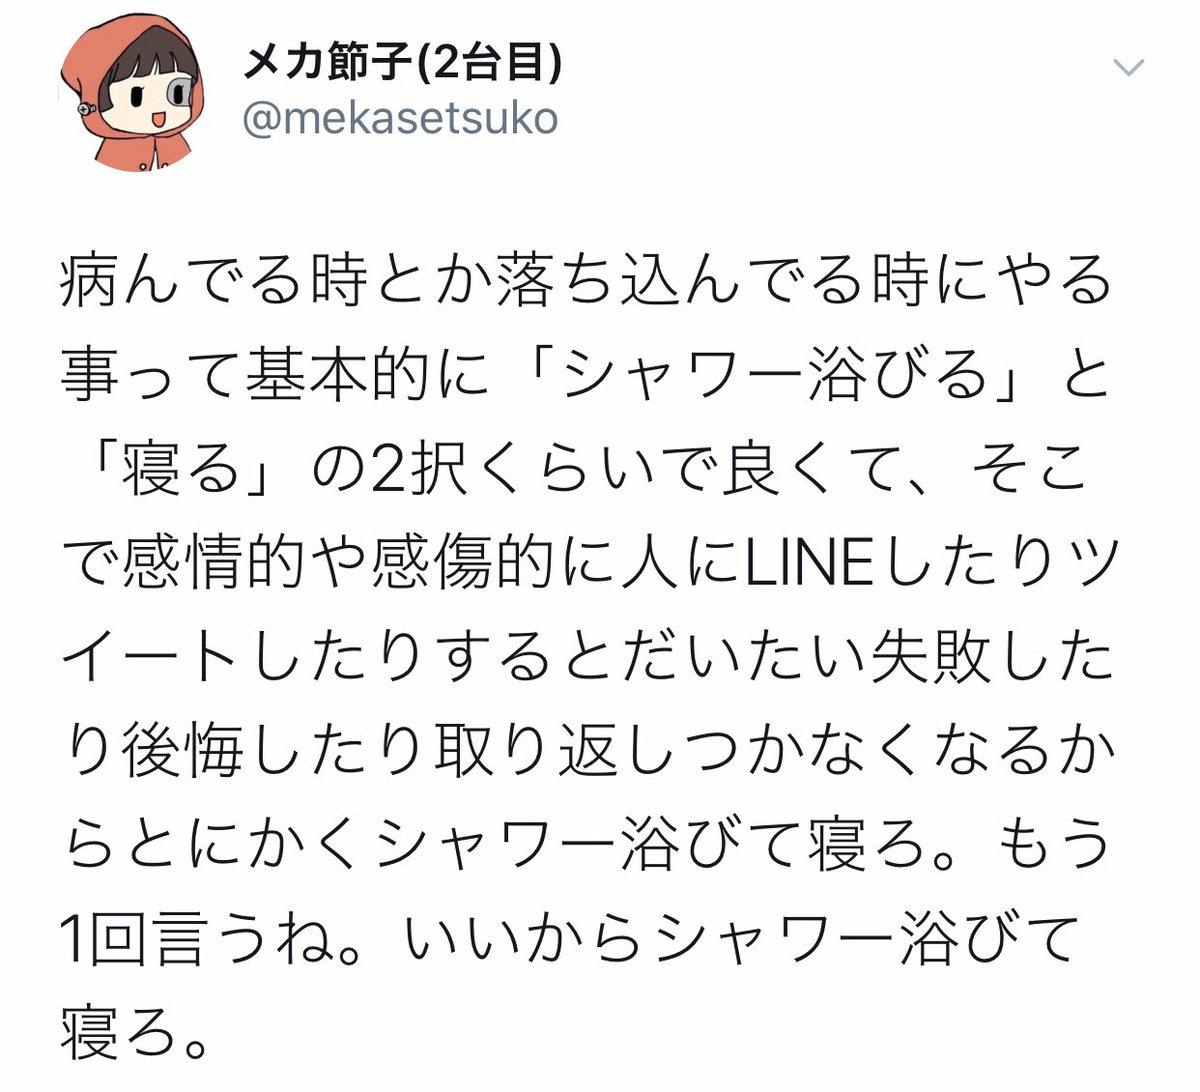 @indigolaEnd もう朝ですけど、もしまたそんな夜が来たら、メカ節子さんのこのツイートのようにしてみてください。私はこれを見て気持ちが楽になりました。 ものを作る人は孤独だと常々感じるのですが、絵音さんができるだけ悲しいこ… https://t.co/hMKbE4LW44